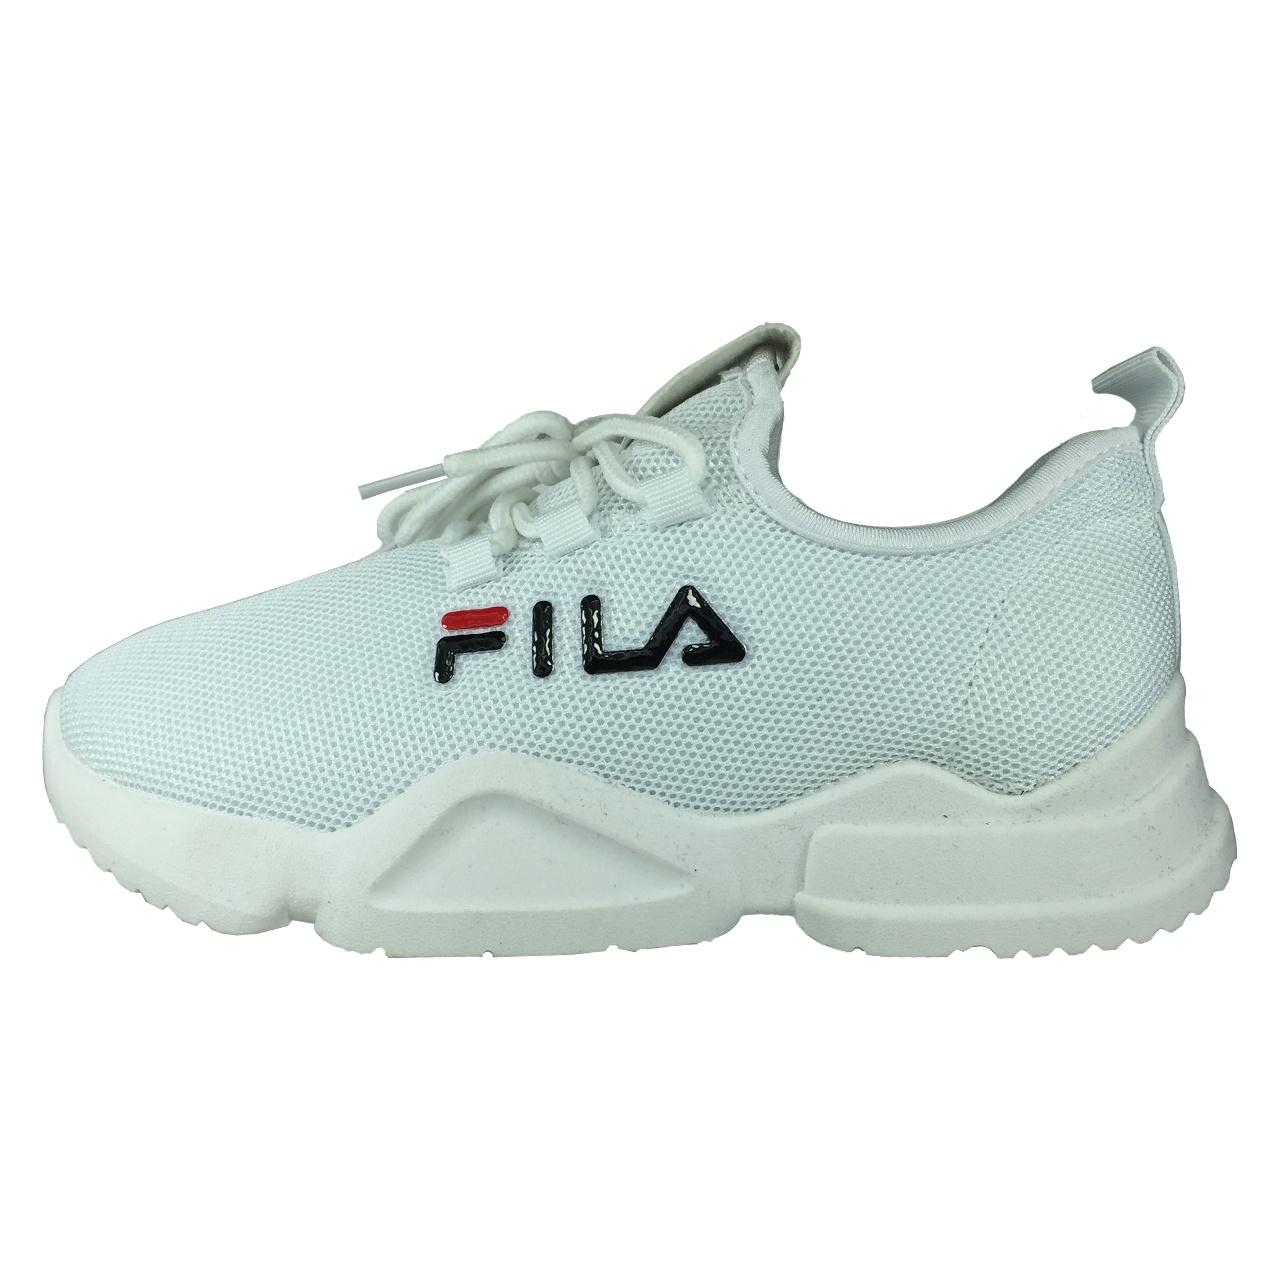 کفش مخصوص پیاده روی زنانه مدل B450 رنگ سفید